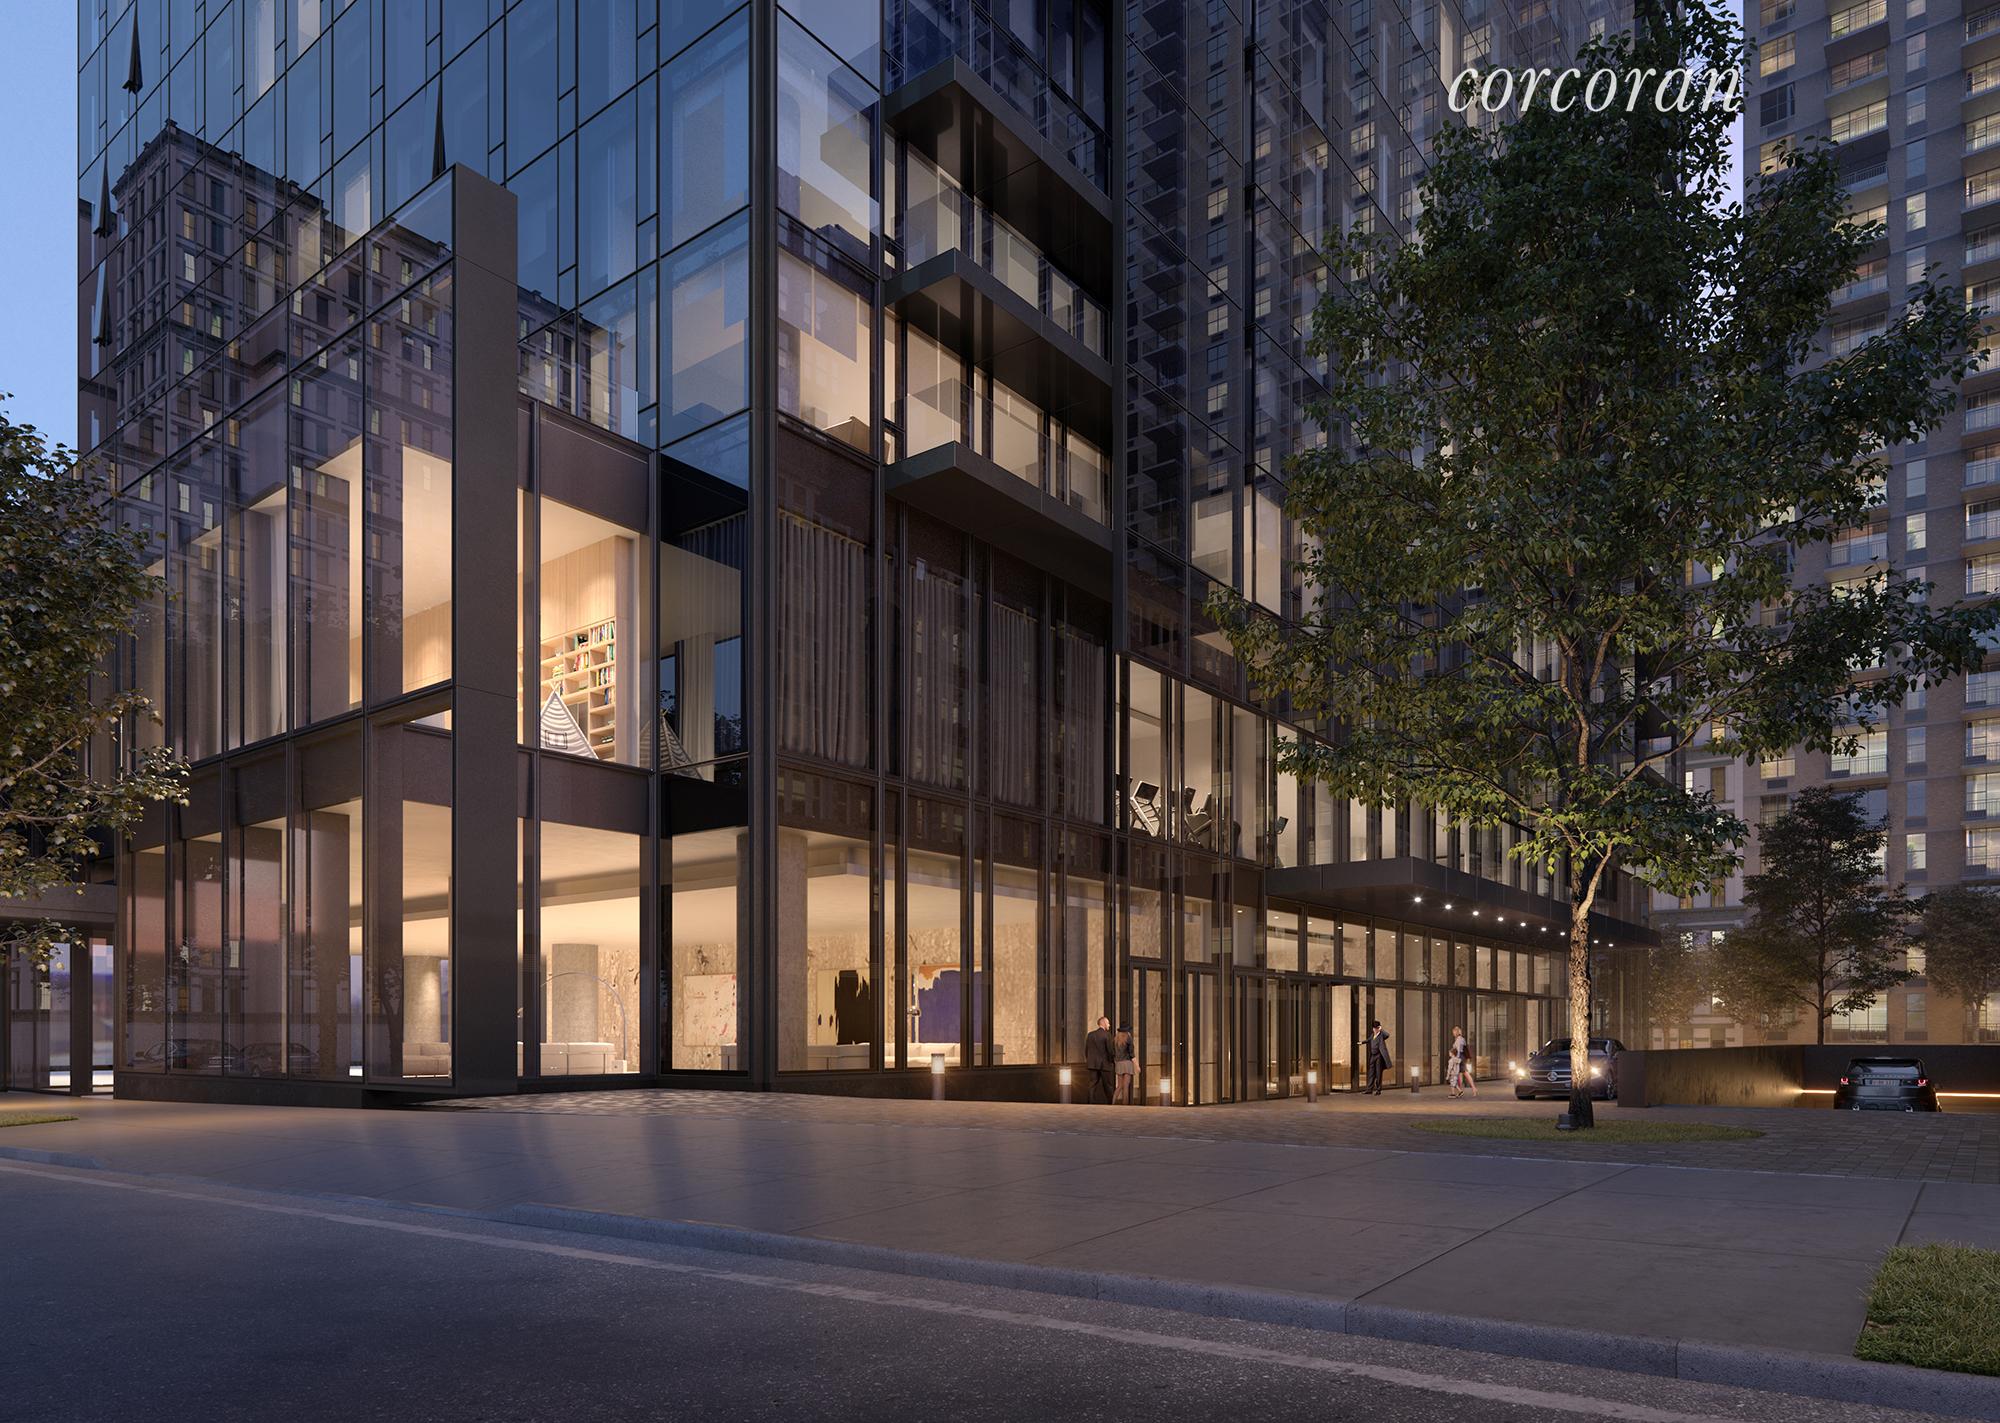 685 First Avenue, Apt 21-P, Manhattan, New York 10016